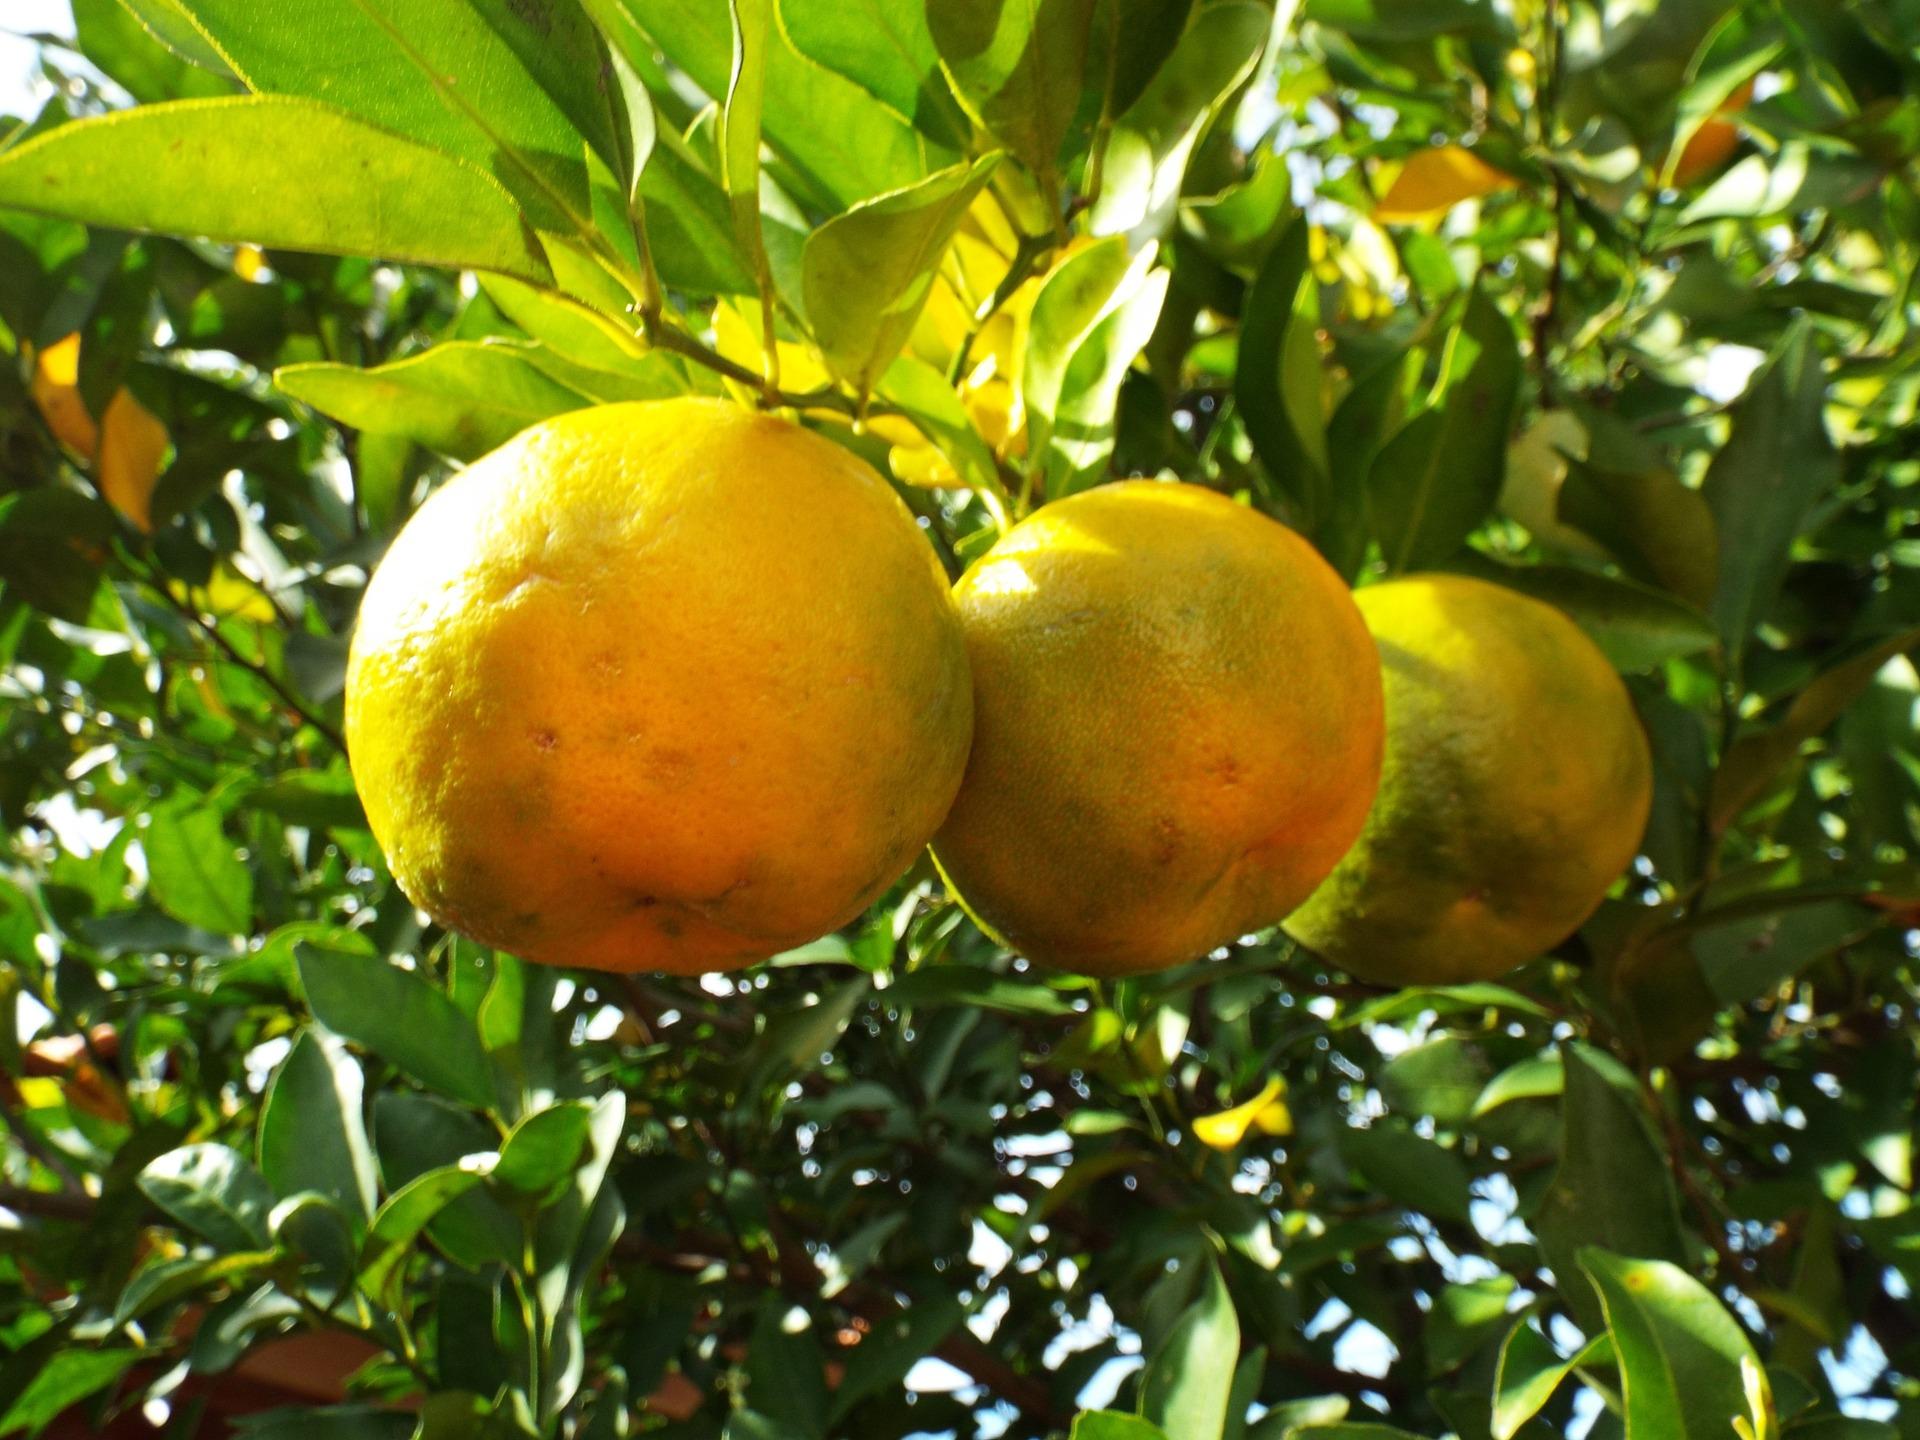 Olio essenziale di bergamotto: come usarlo e proprietà cosmetiche